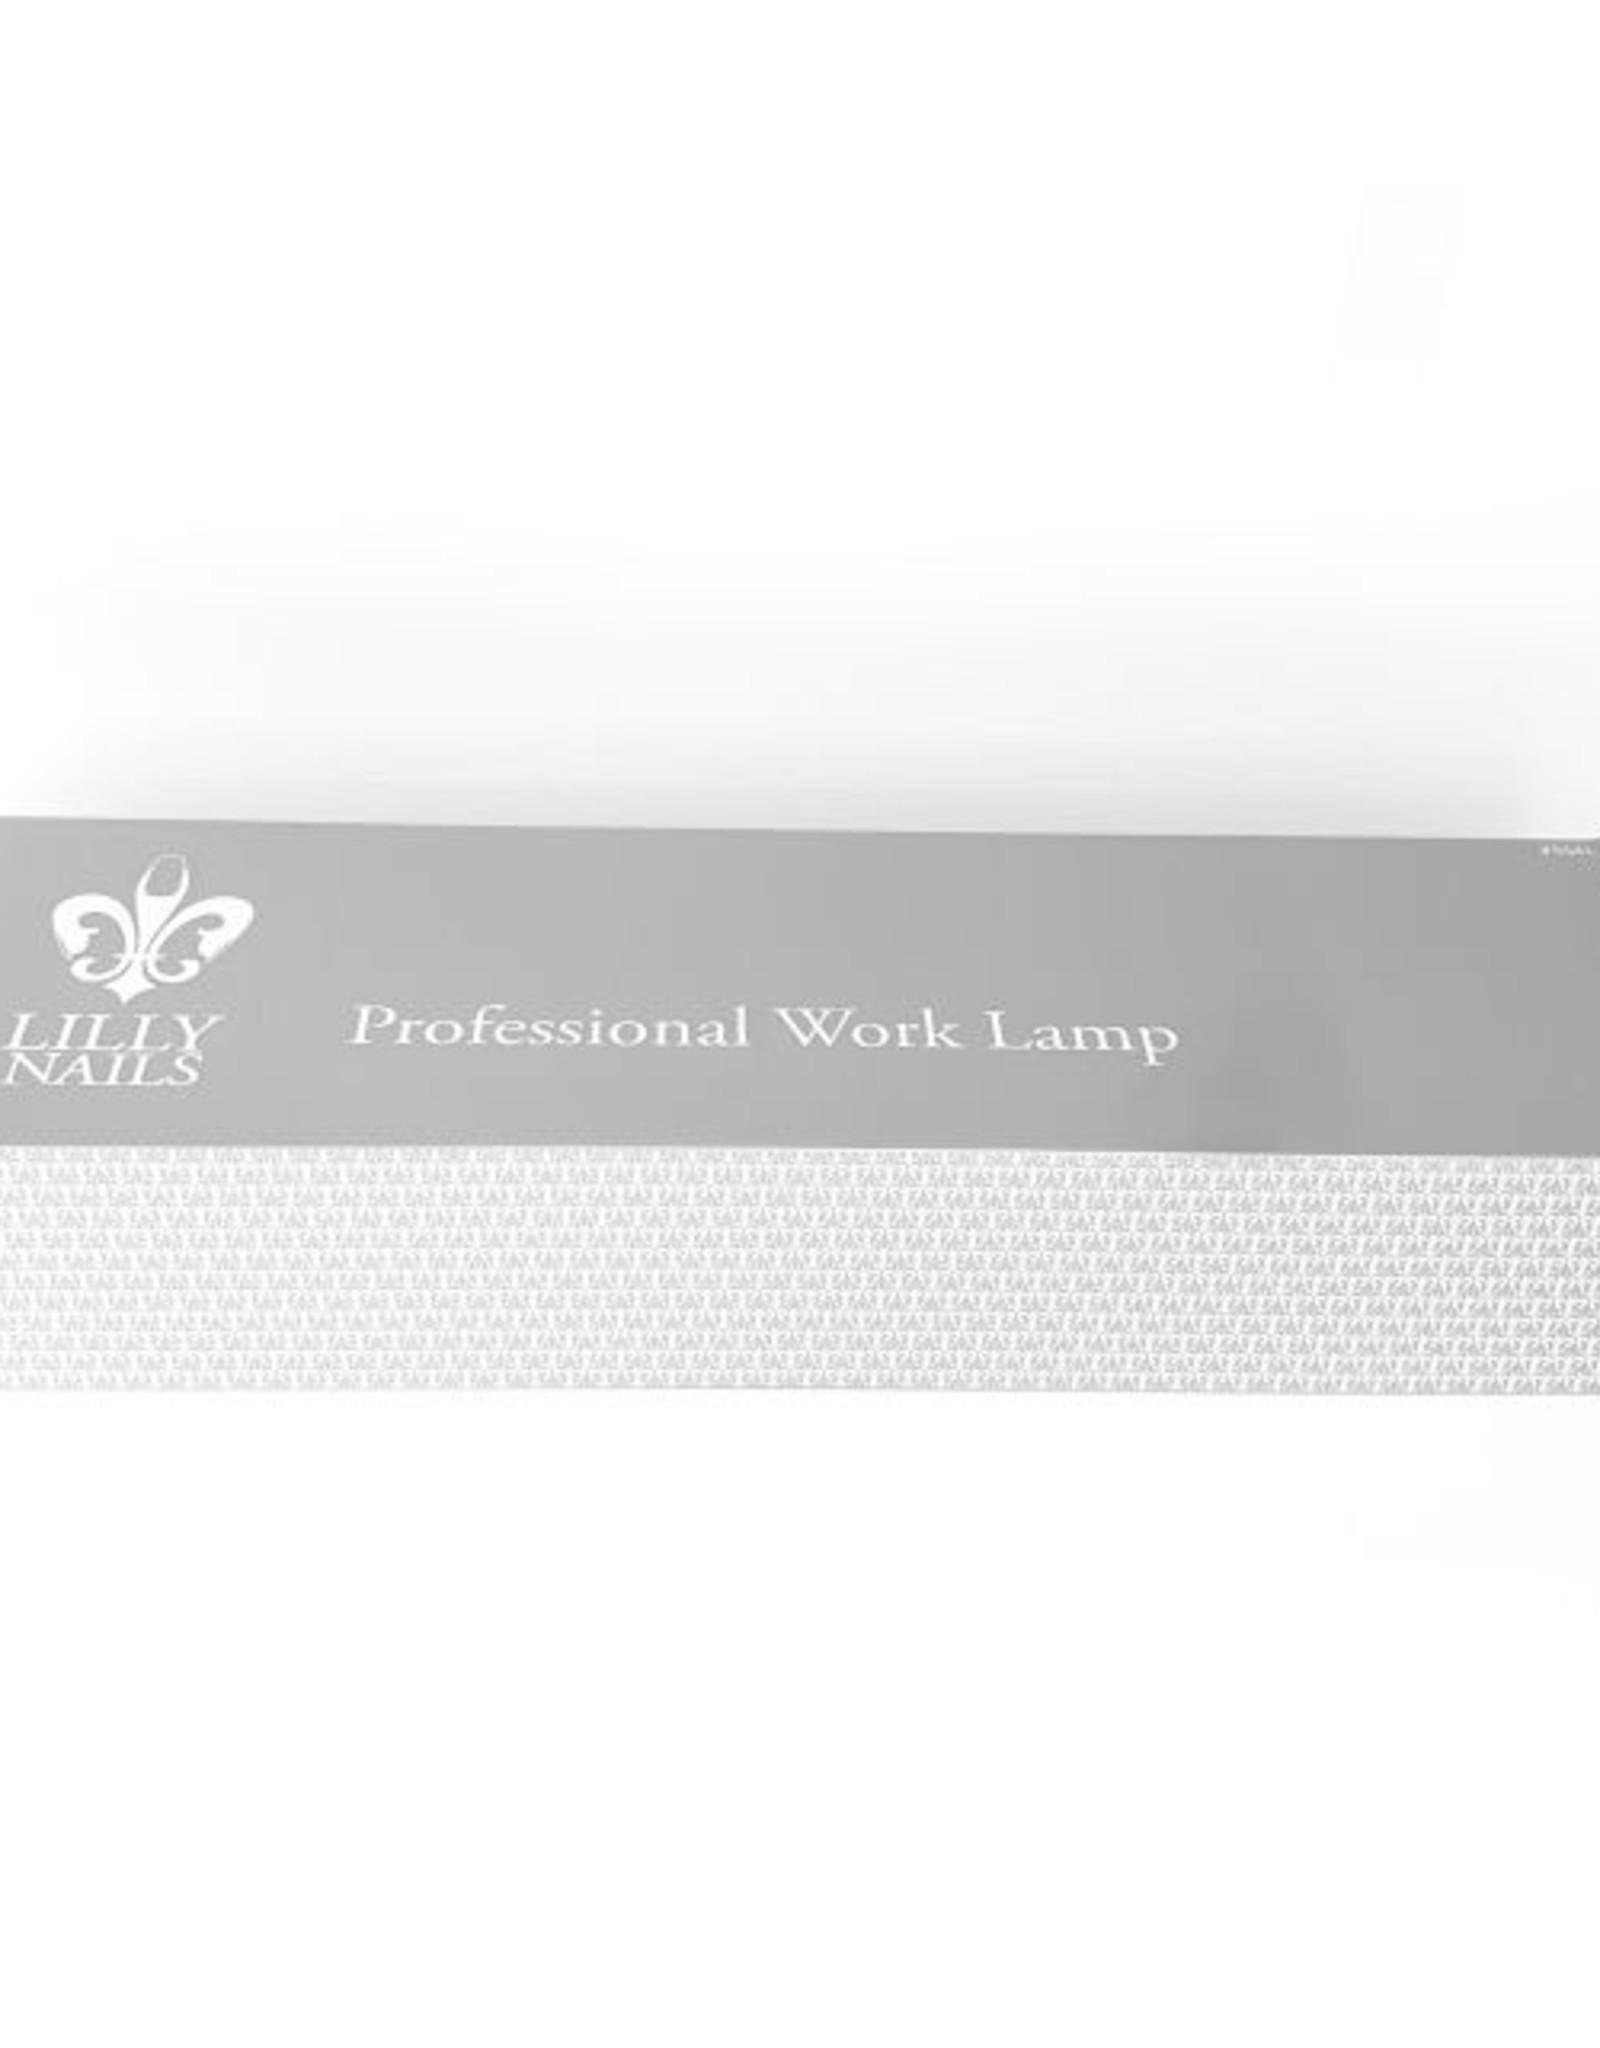 Lilly Nails werklamp